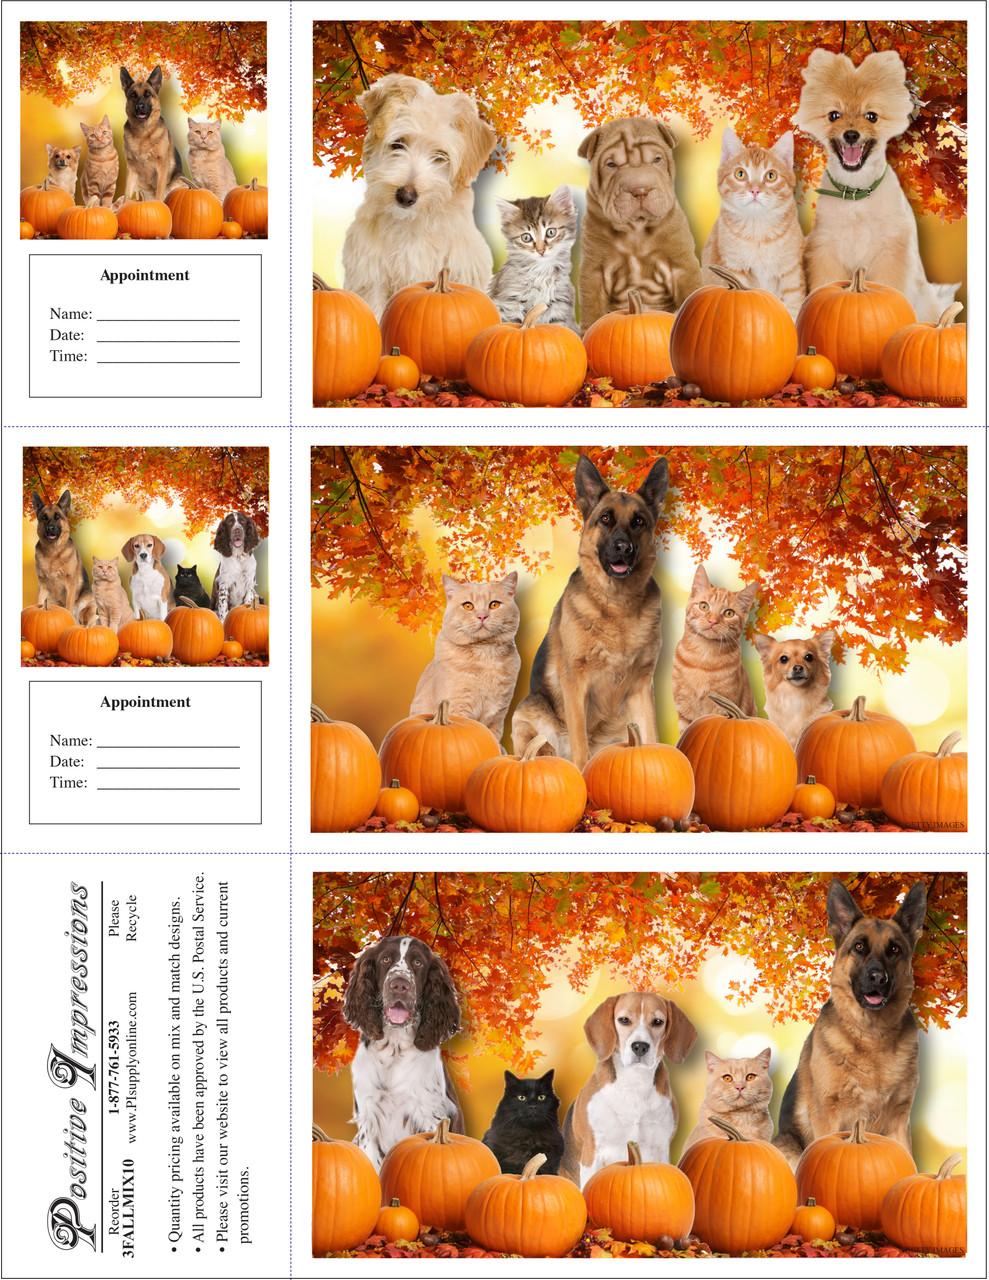 3FALLMIX10 - 3 Up Reminder Cards